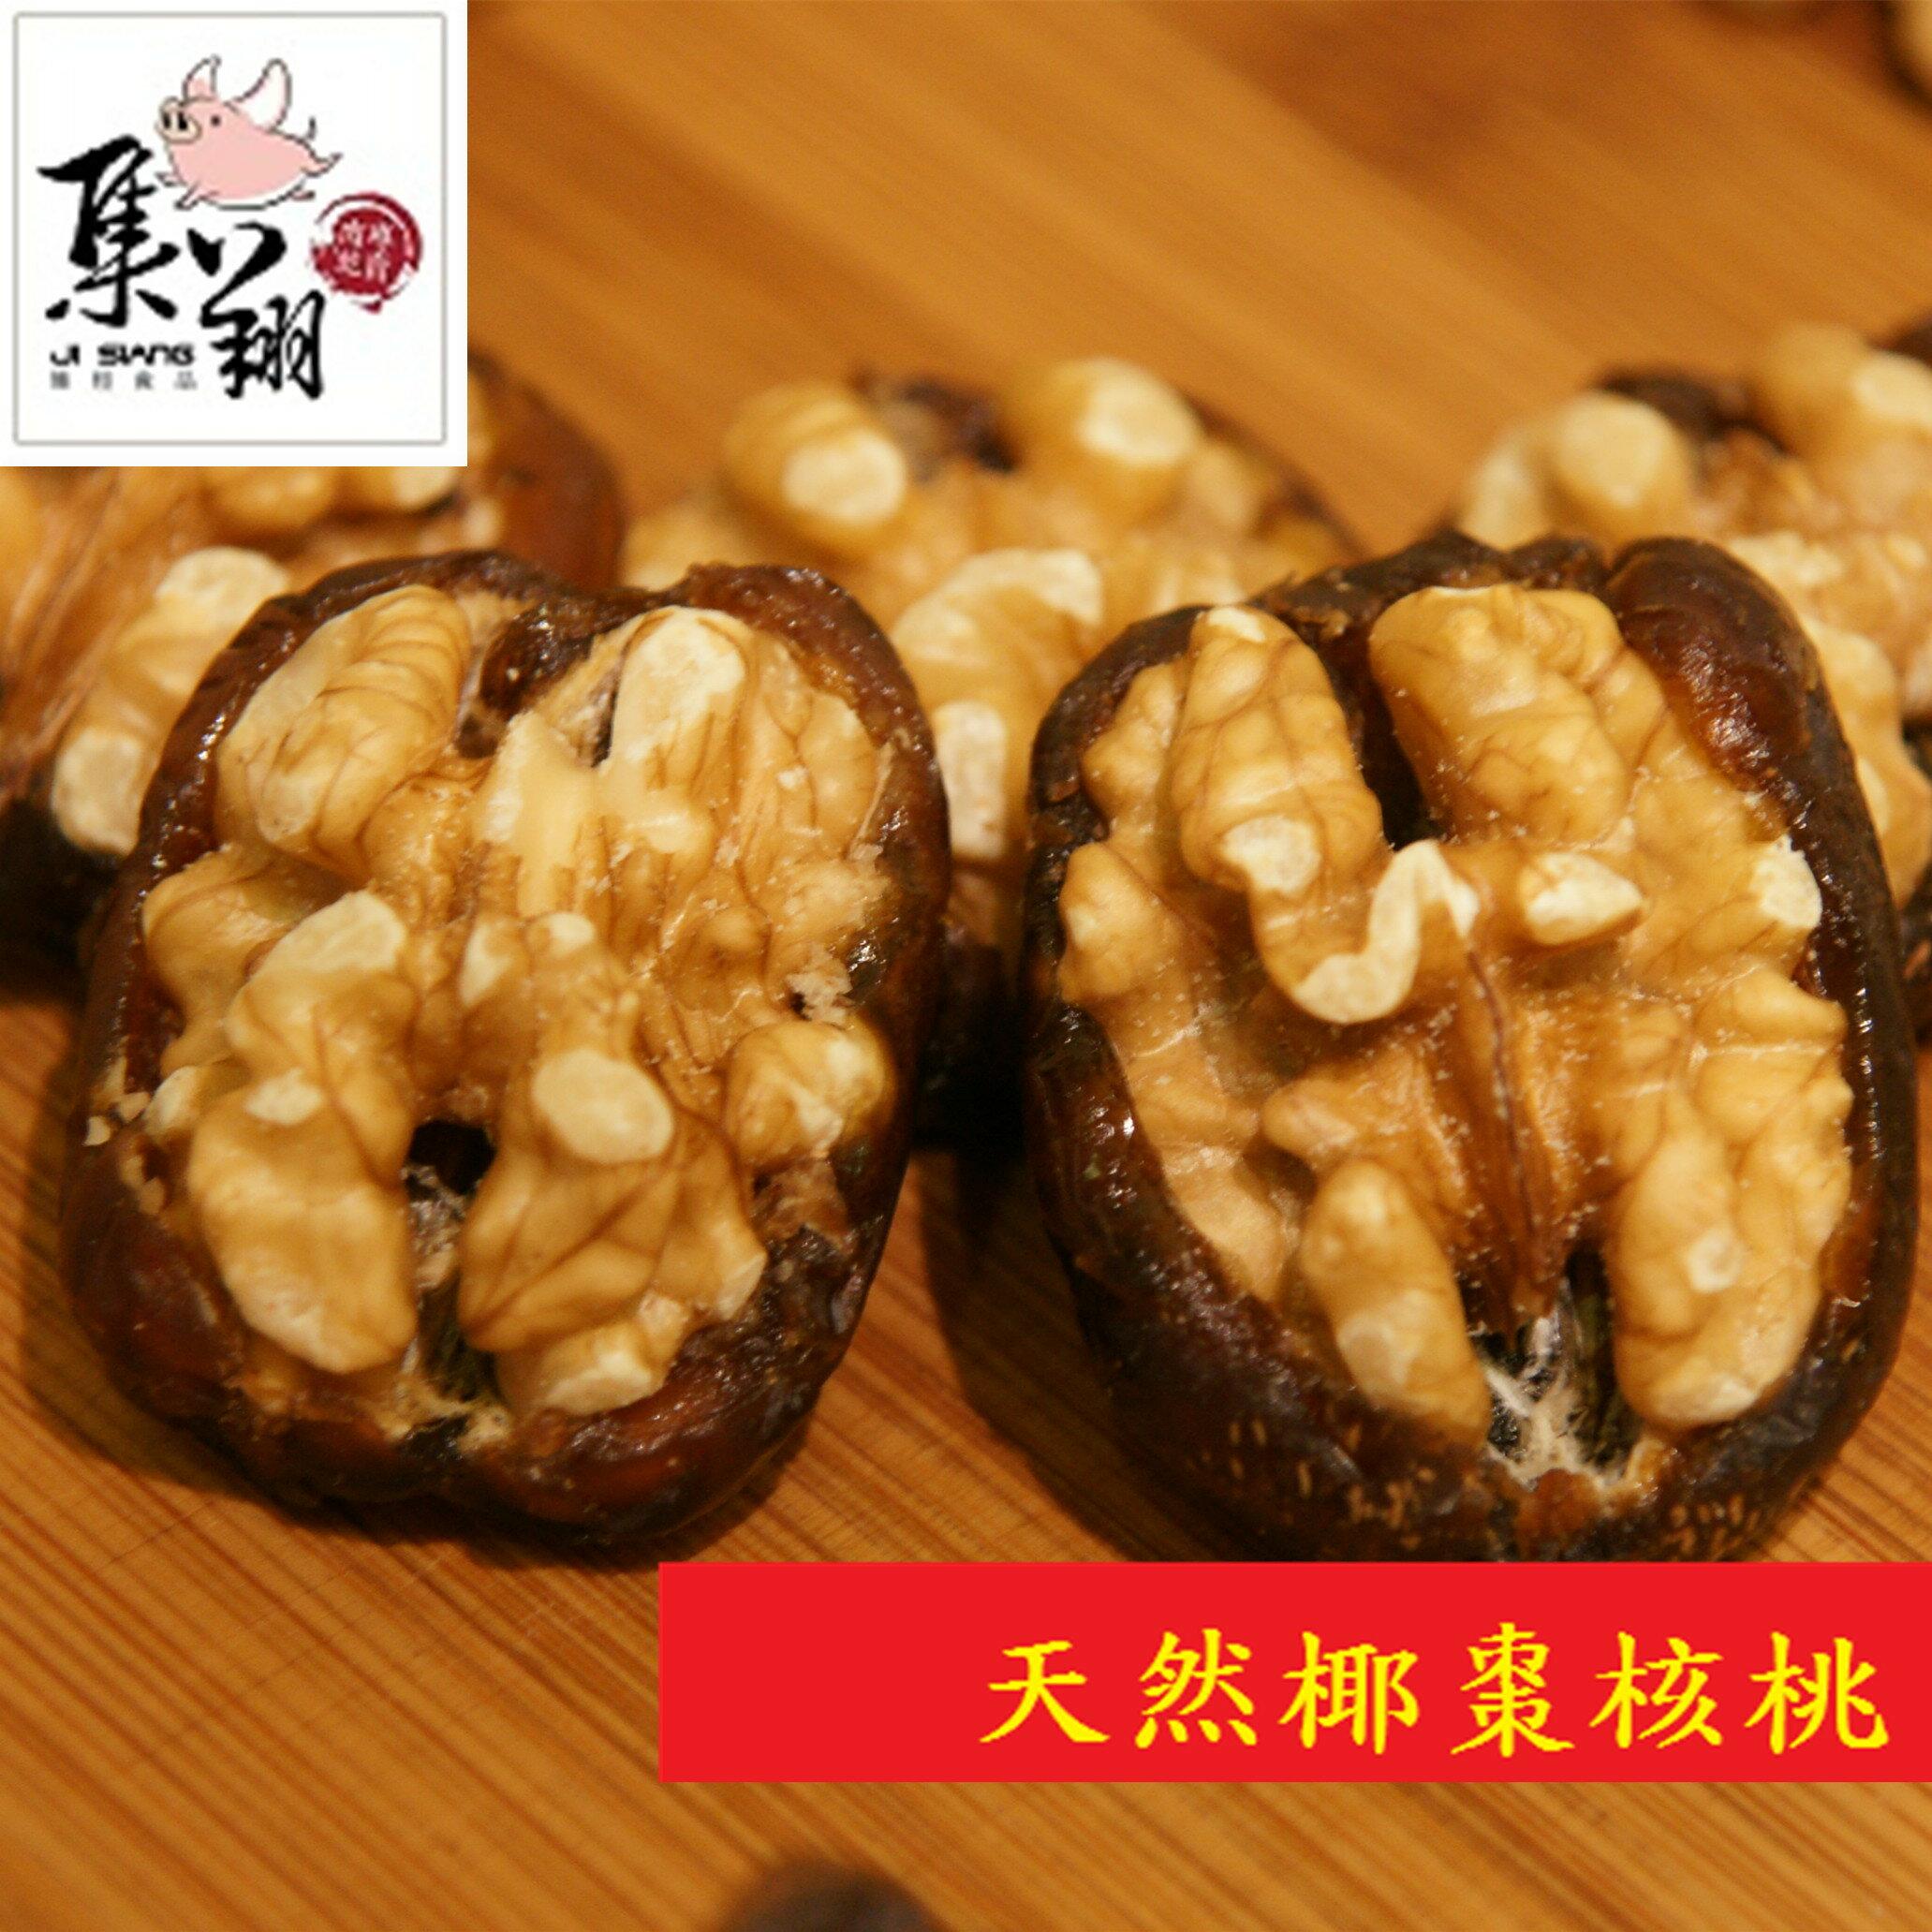 【集翔肉乾肉鬆】天然椰棗核桃/180g